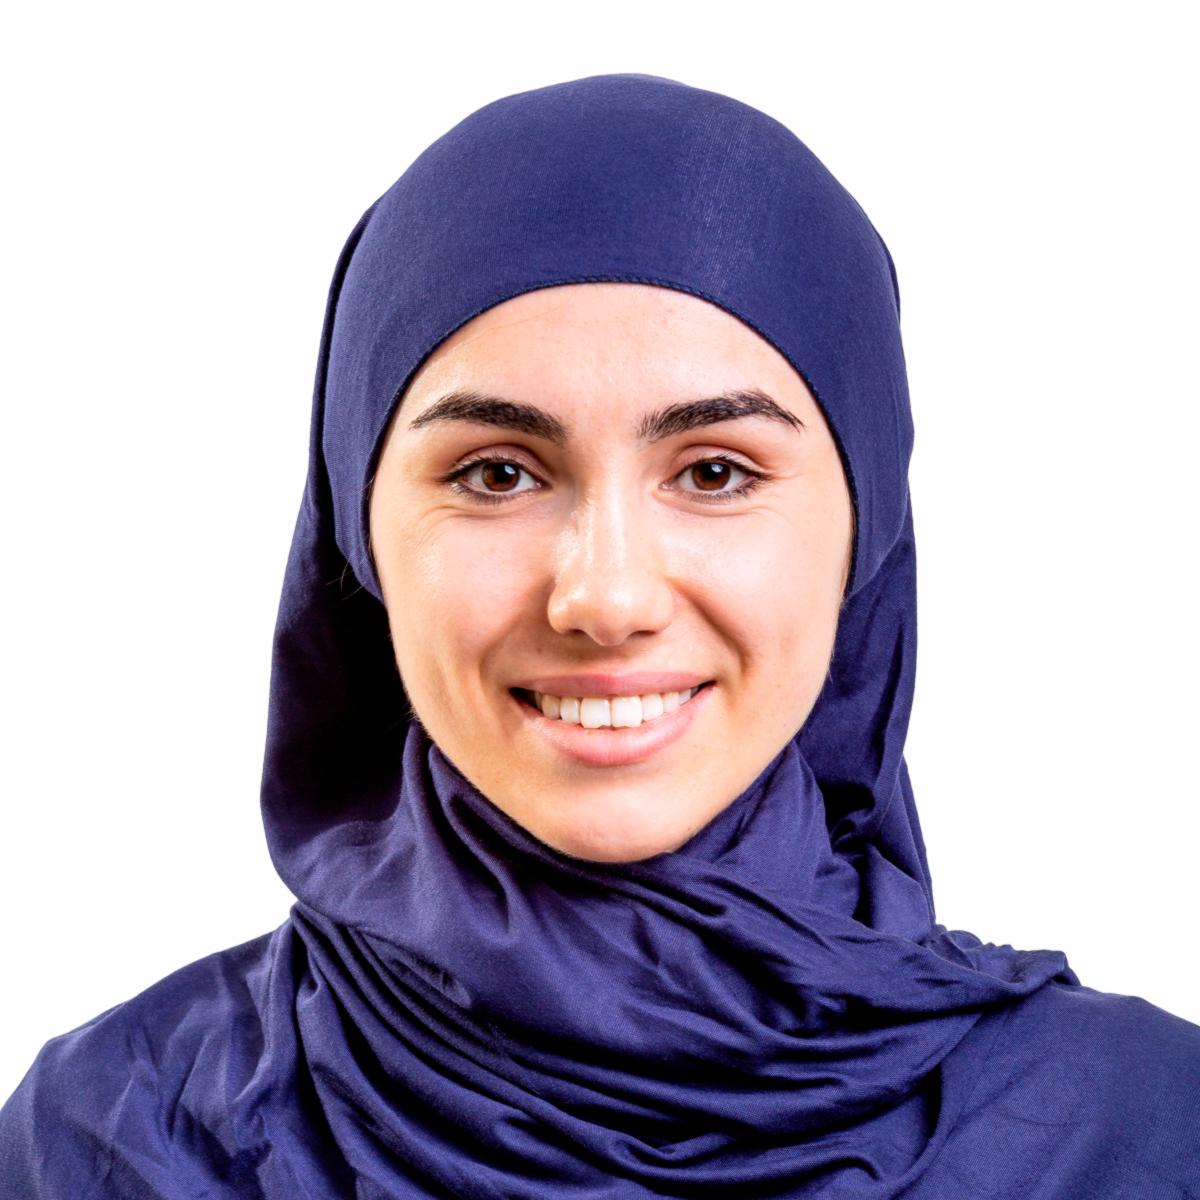 Хиджаб платок женский Asiyah AY-HJB3-01 темно-синий р. 170x60